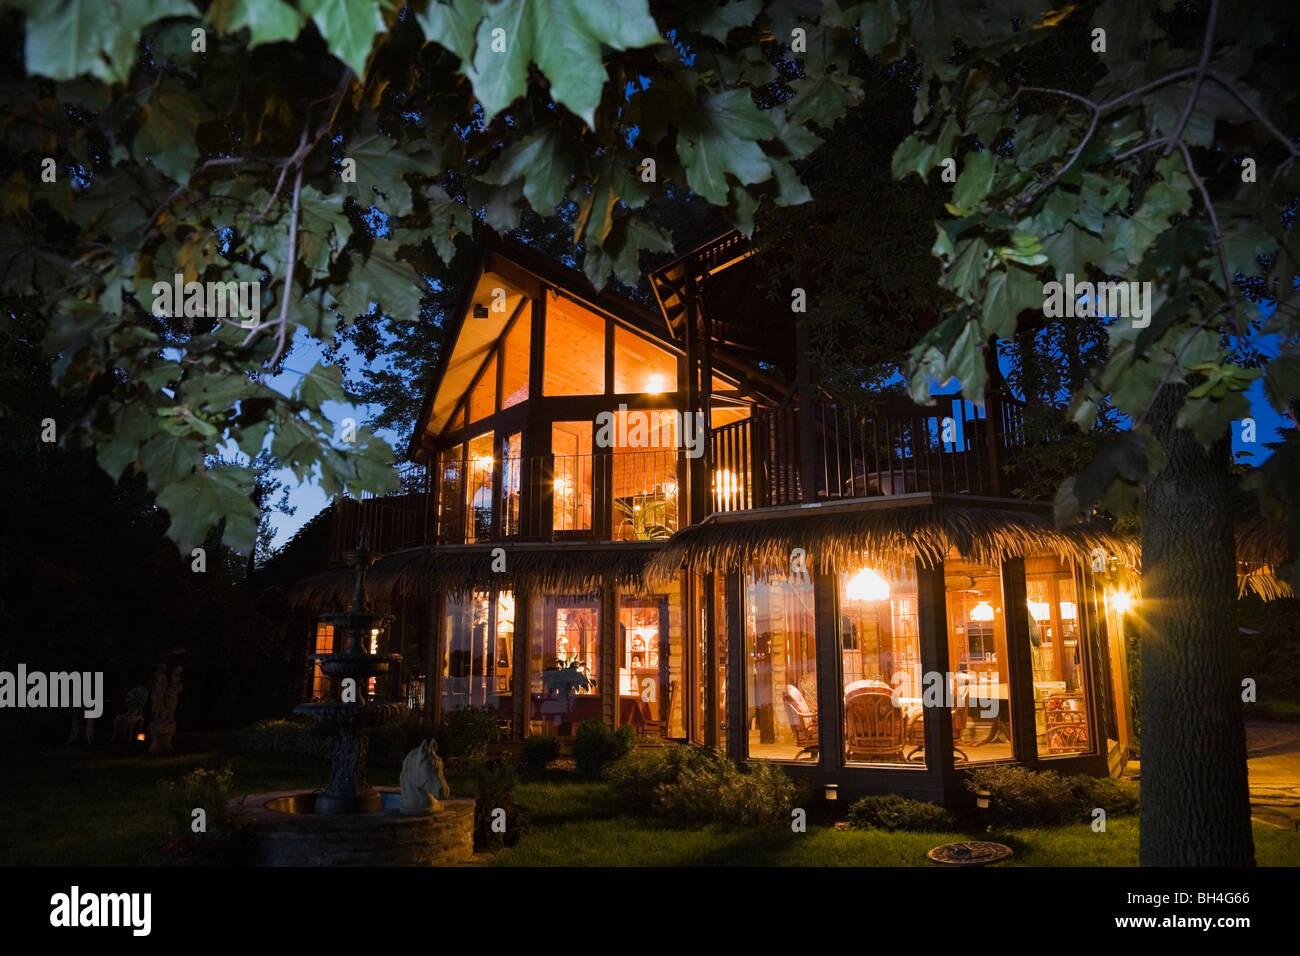 Maison moderne de style tropical avec jardin paysagé au crépuscule, Laval, Québec Photo Stock